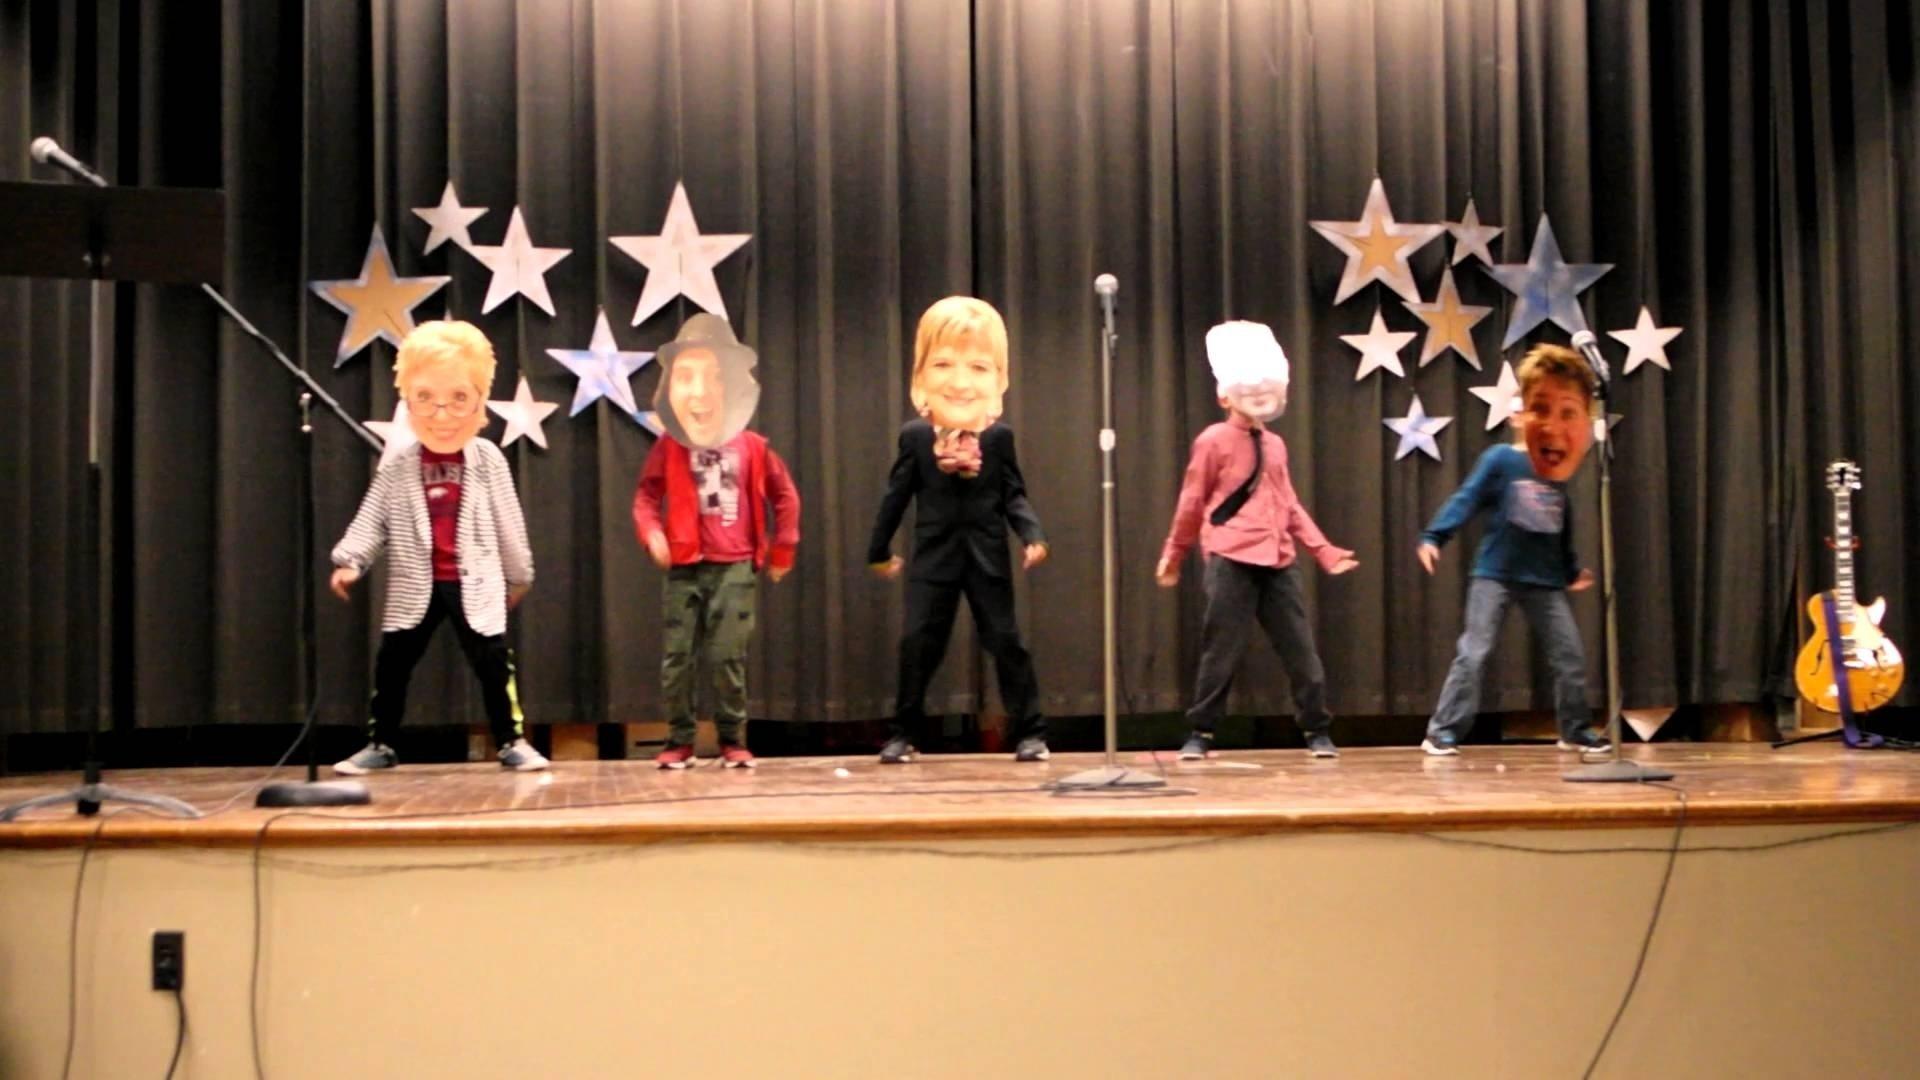 10 Stylish Talent Show Ideas For Teachers talent show ideas teacher bobble heads youtube 1 2020